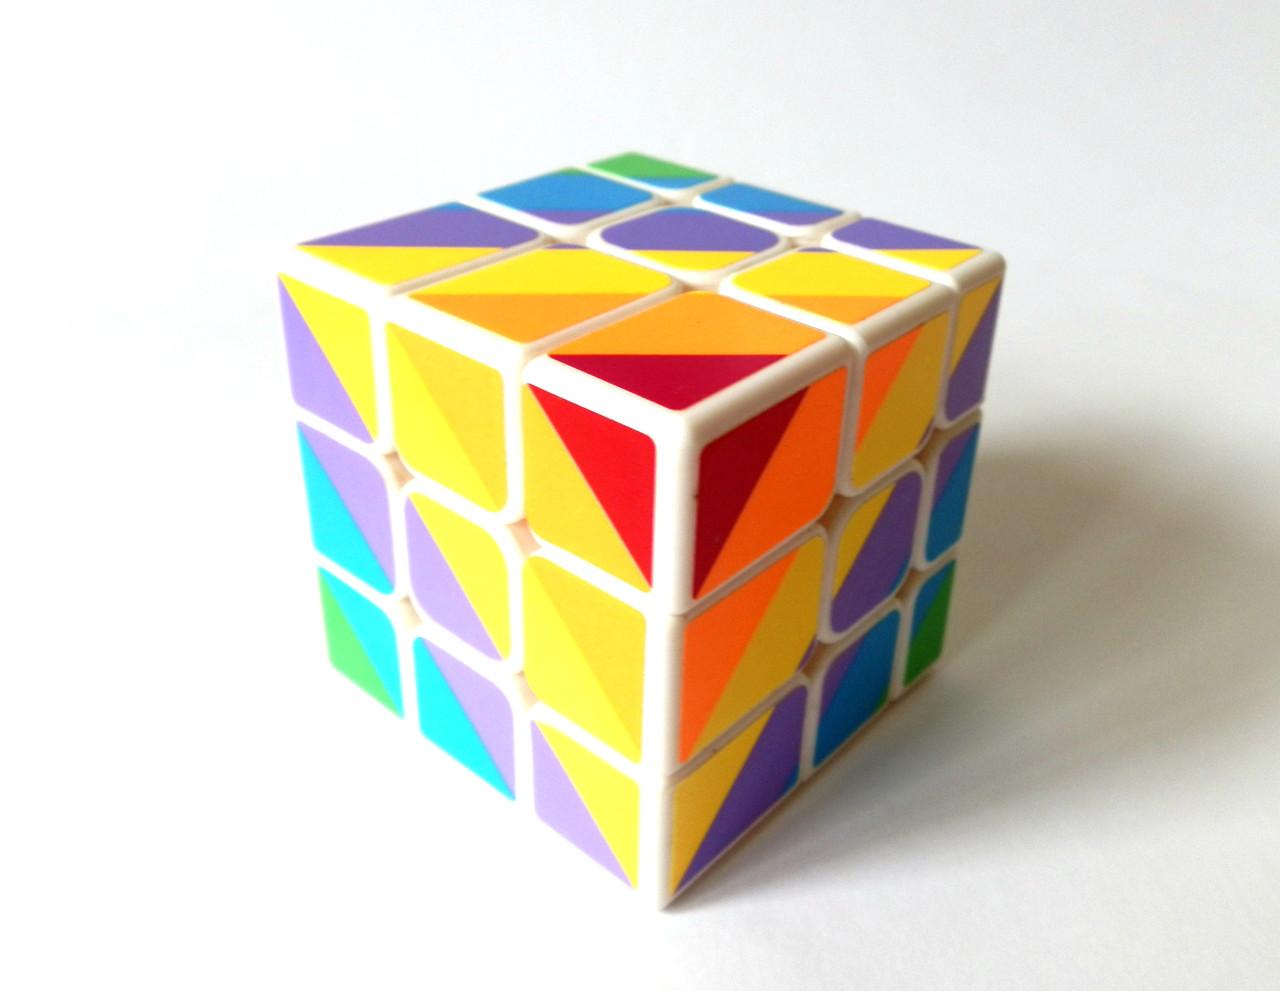 Кубик Рубика 3х3 YJ Unequal 3x3 rainbow cube